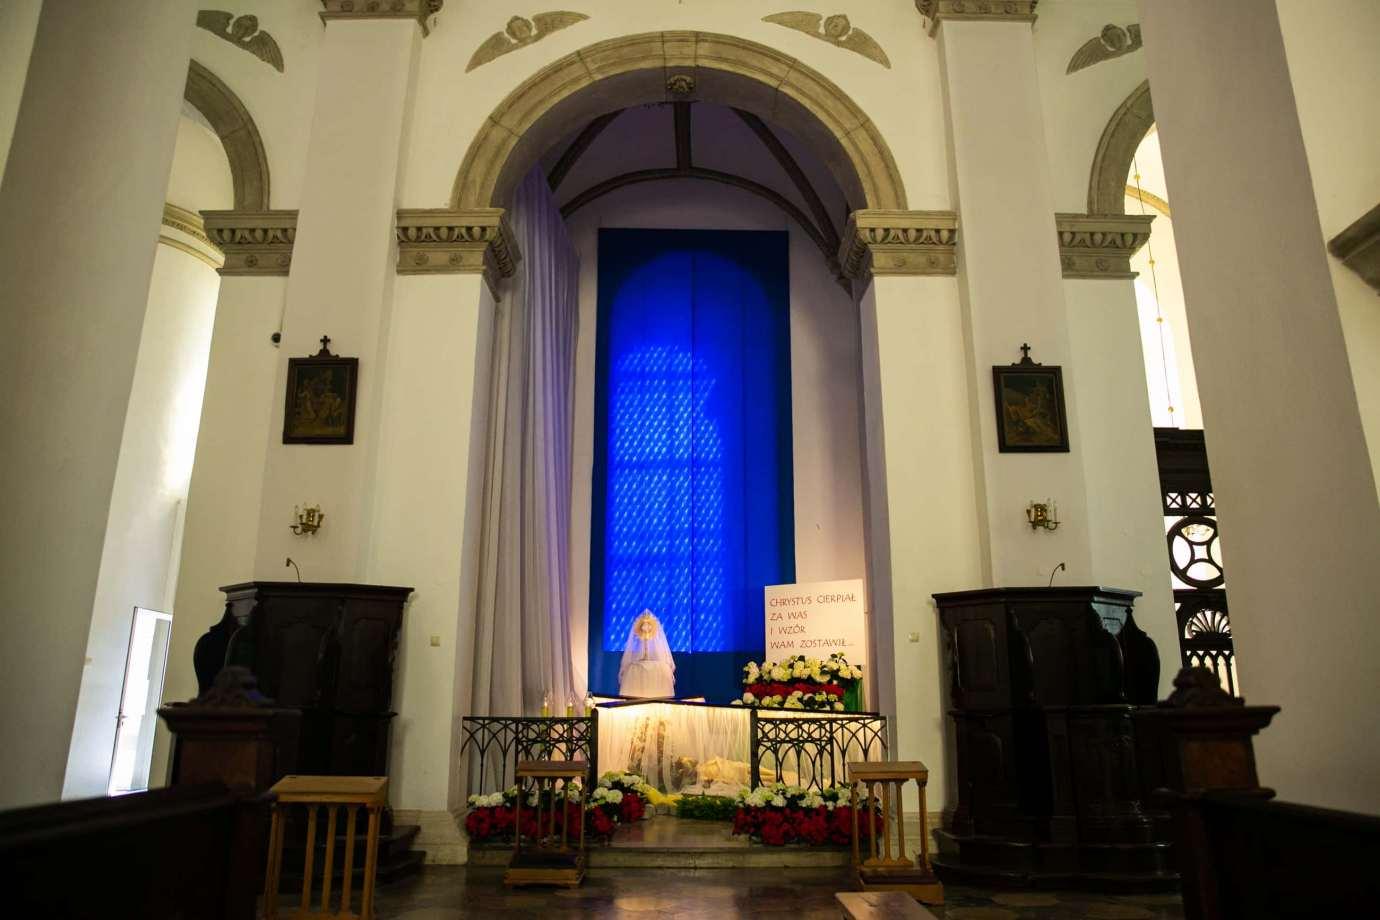 parafia katedralna zmartwychwstania panskiego i sw tomasza apostola w zamosciu 2 Zdjęcia grobów pańskich w zamojskich świątyniach